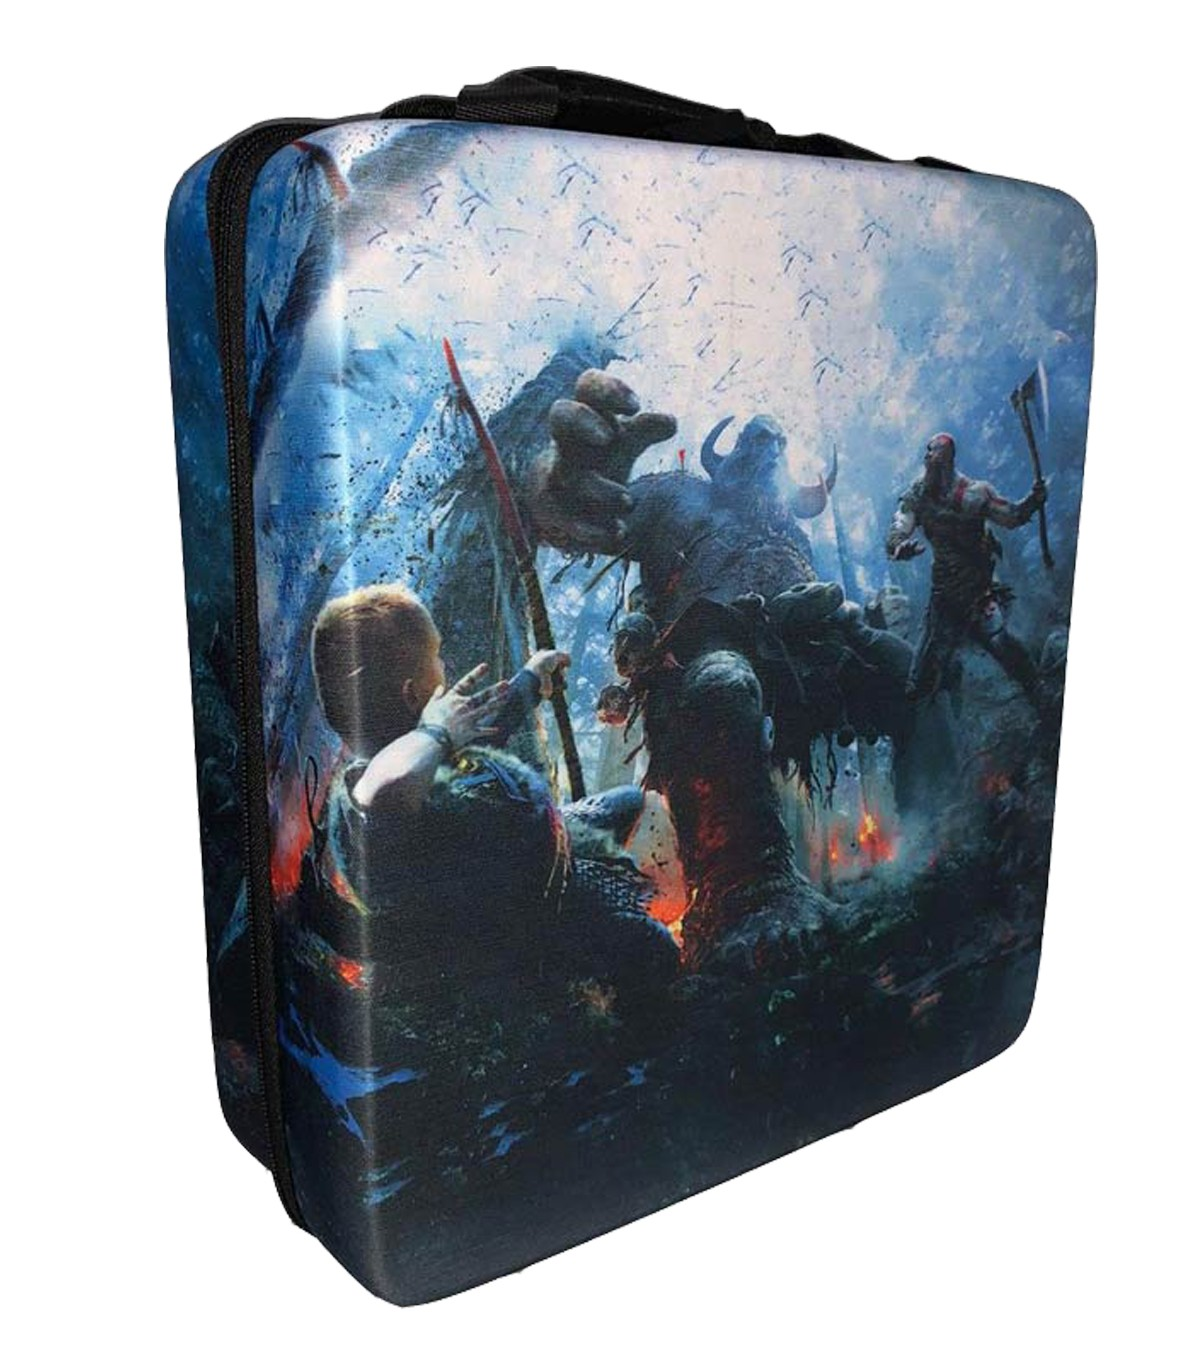 کیف حمل ضد ضربه برای پلی استیشن 4 طرح God Of War - 2